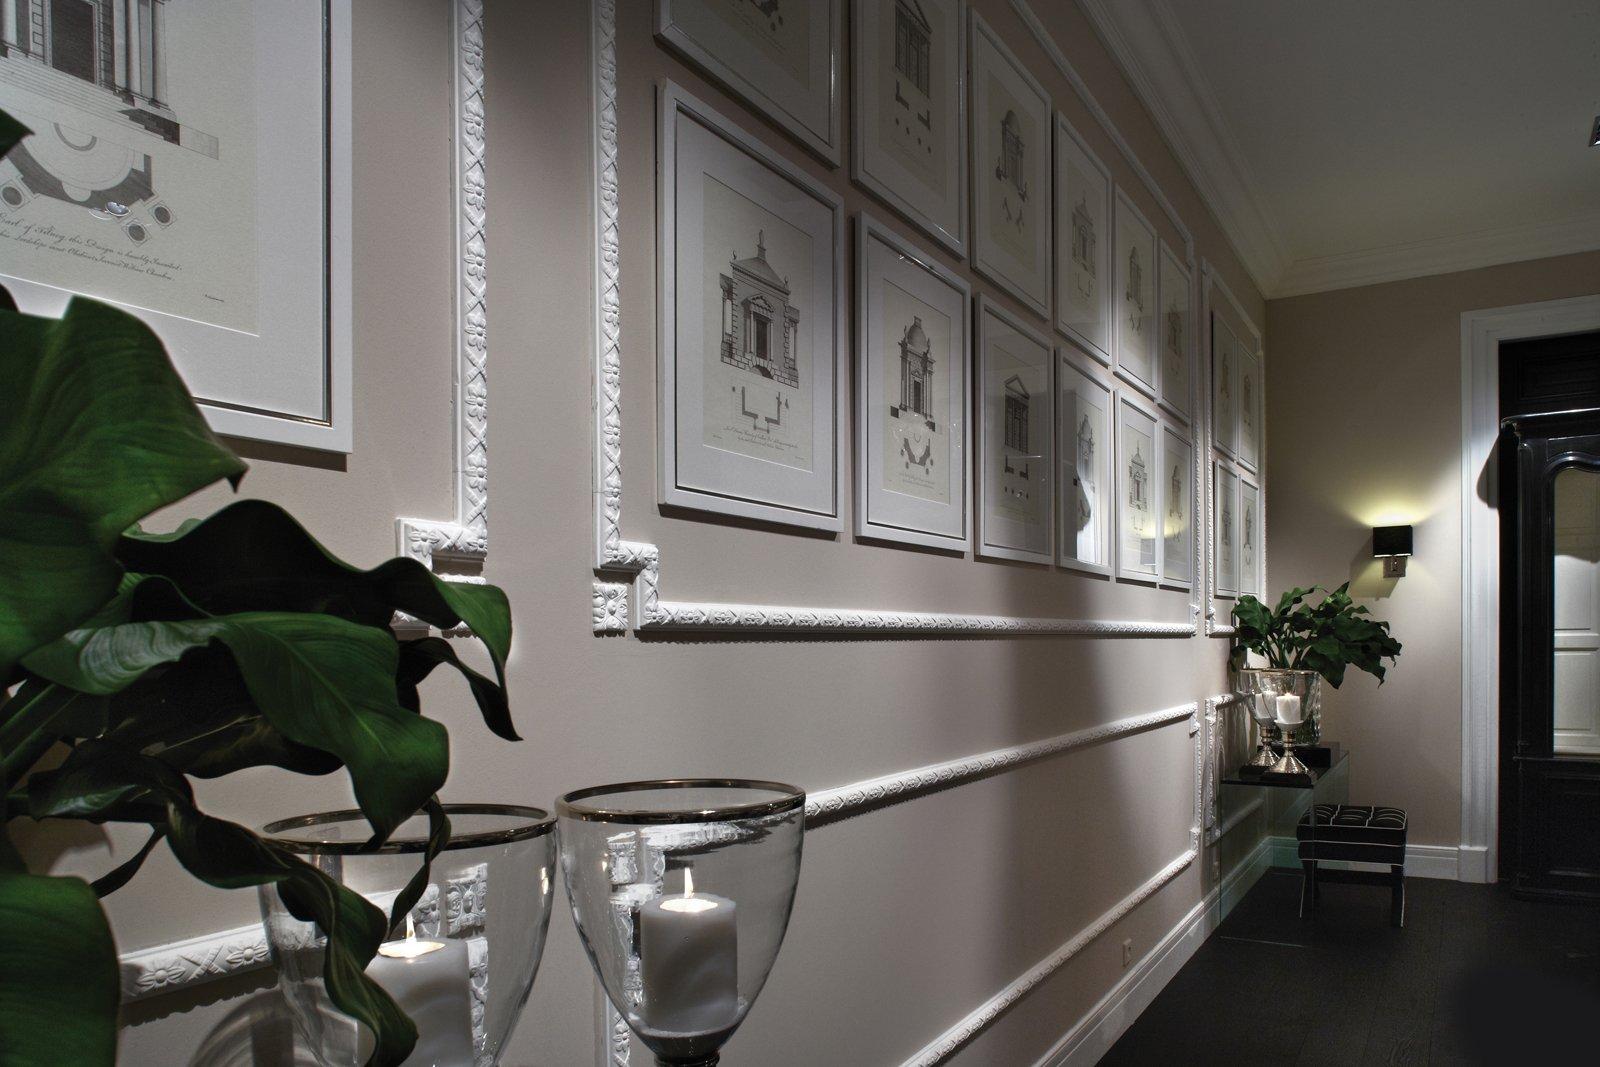 Peinture blanche mur, plafon boiserie - Peinture